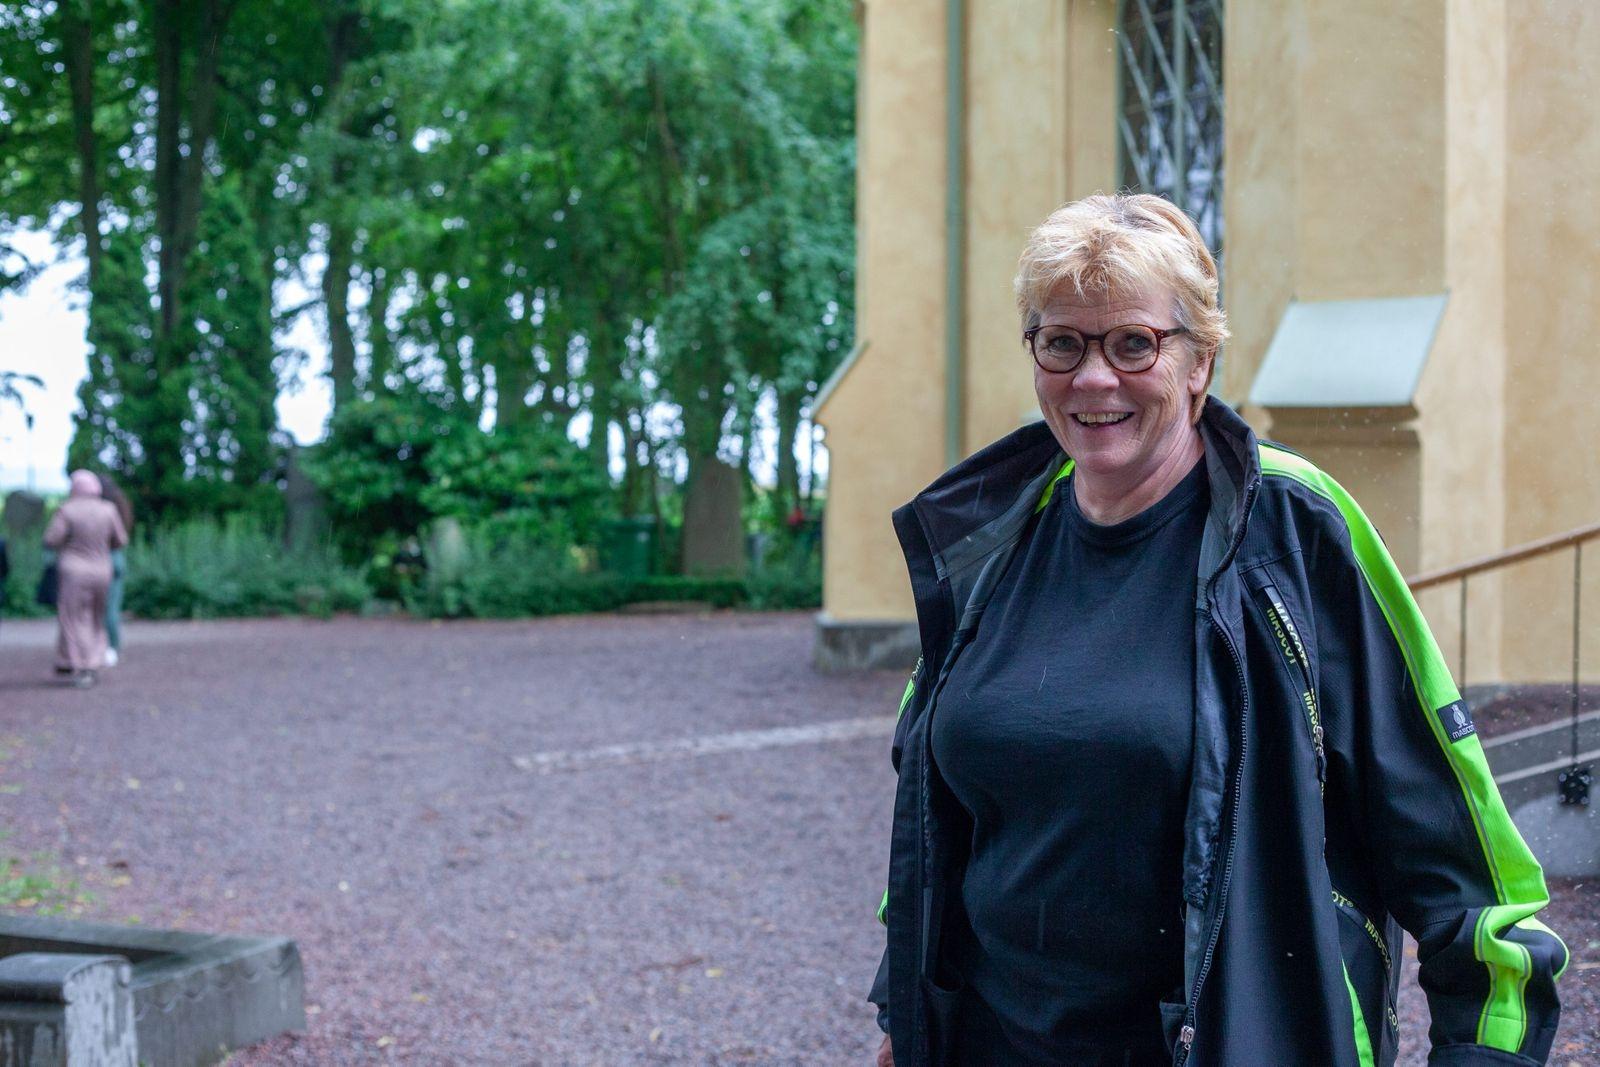 Birgitta Linåker hyllade teatereleverna till skyarna och hoppas att fler ska hitta den historia och kultur som finns bland kyrkogårdarna i Kalmar.